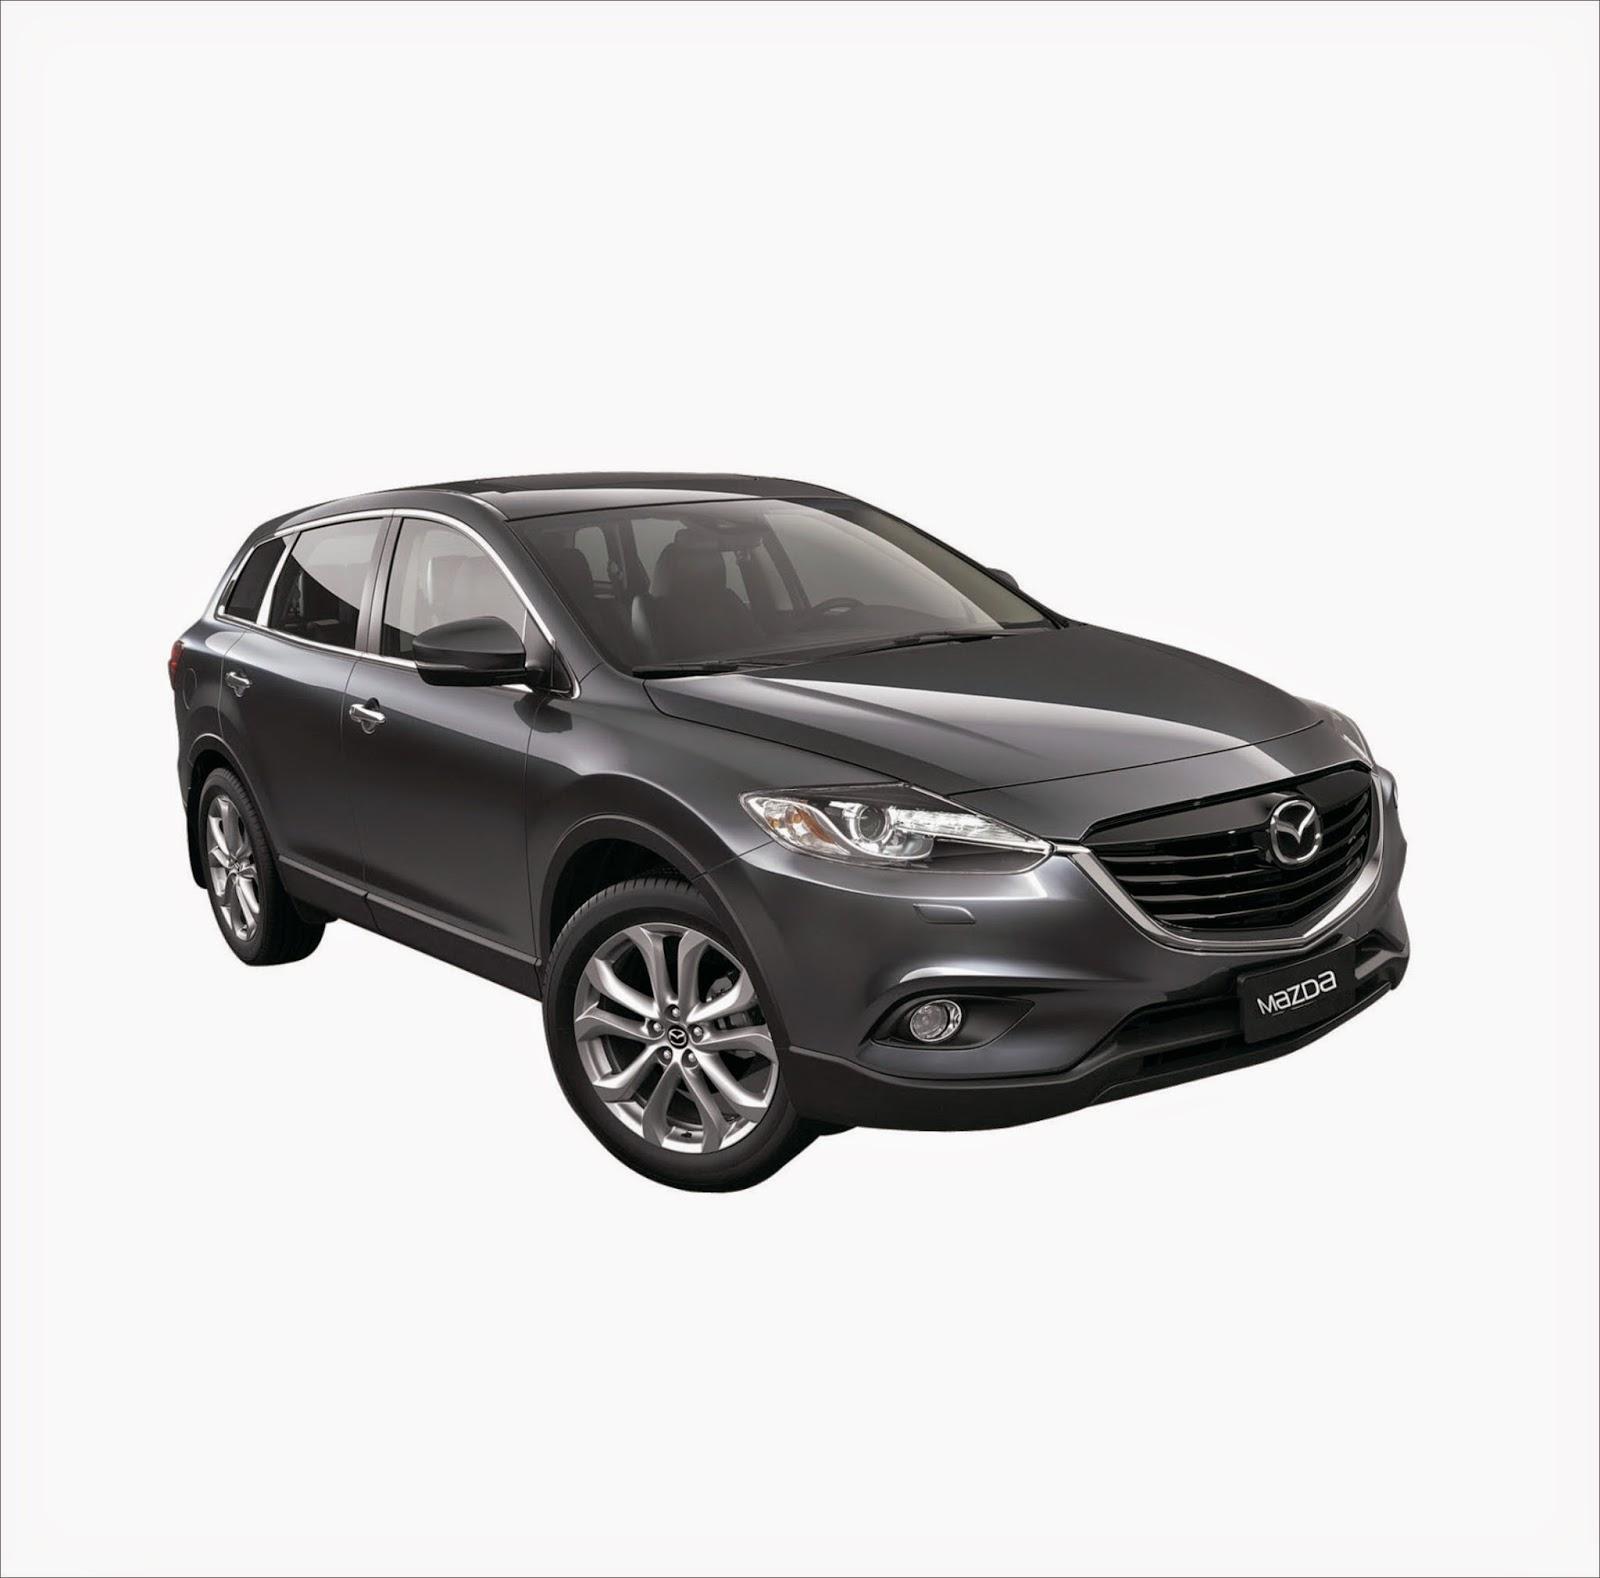 Mazda CX9| Ảnh xe mazda cx9| Ảnh đẹp xe CX9| Xe Mazda CX9